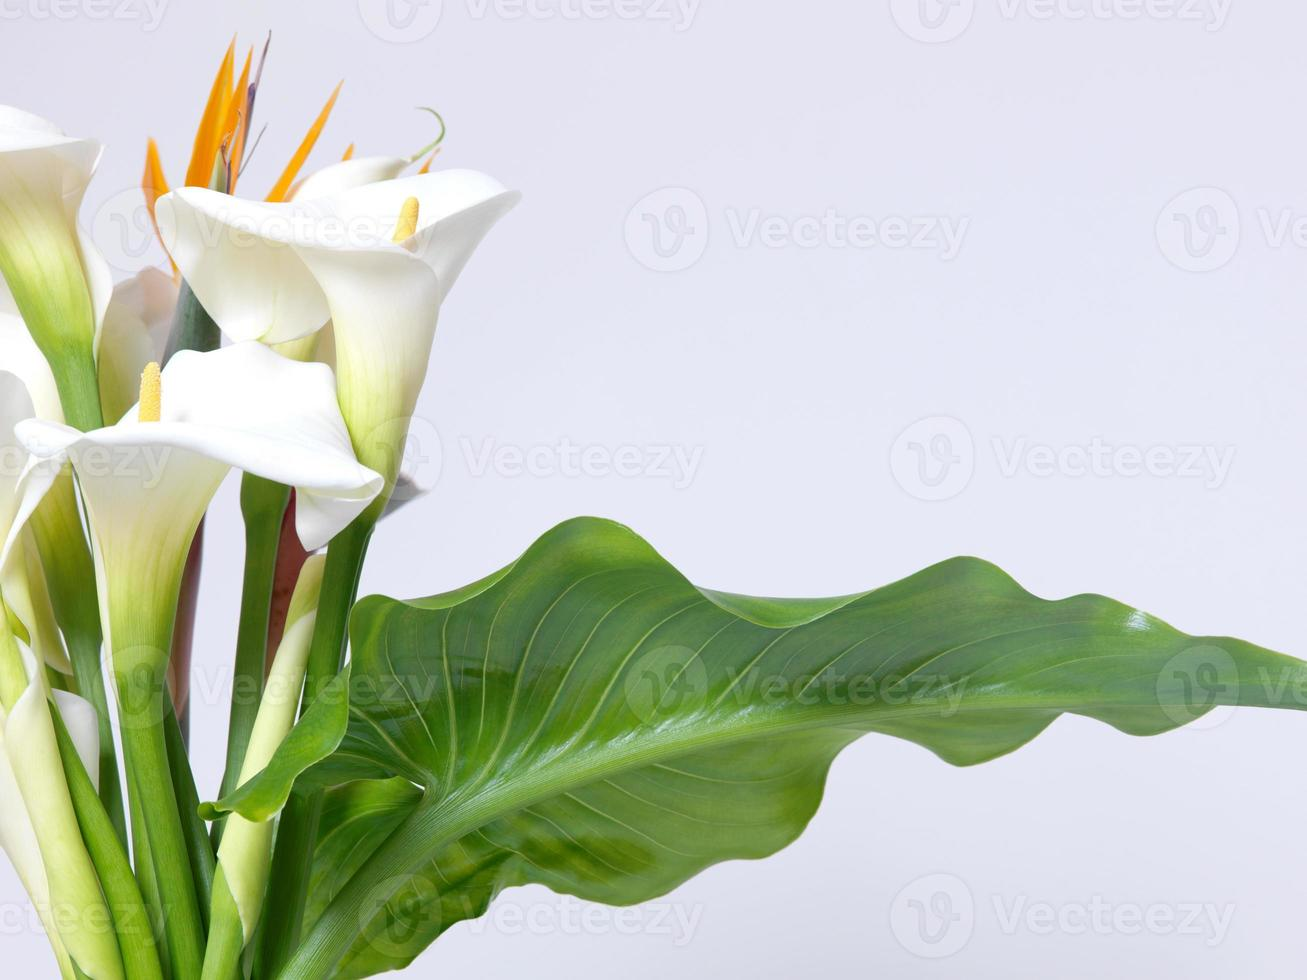 vita calla liljor foto